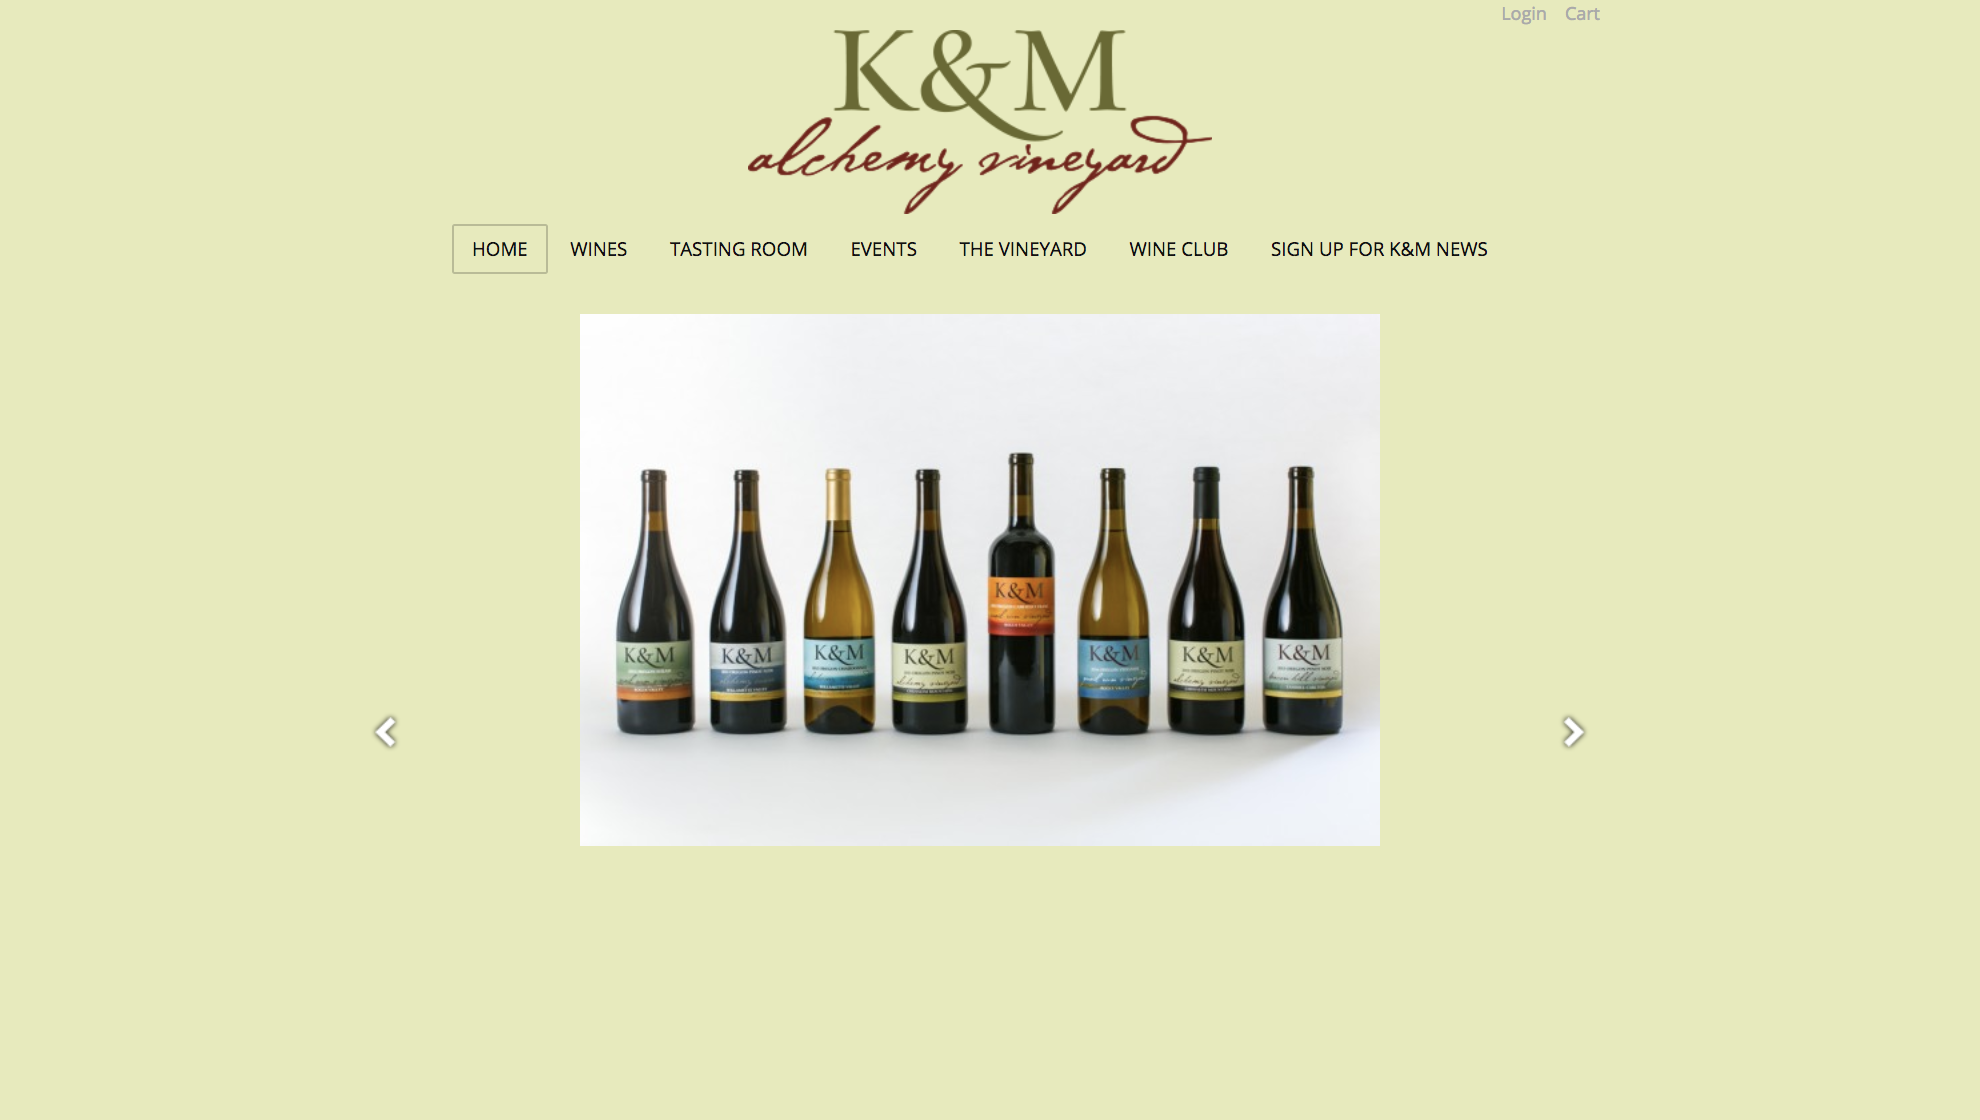 K & M Homepage